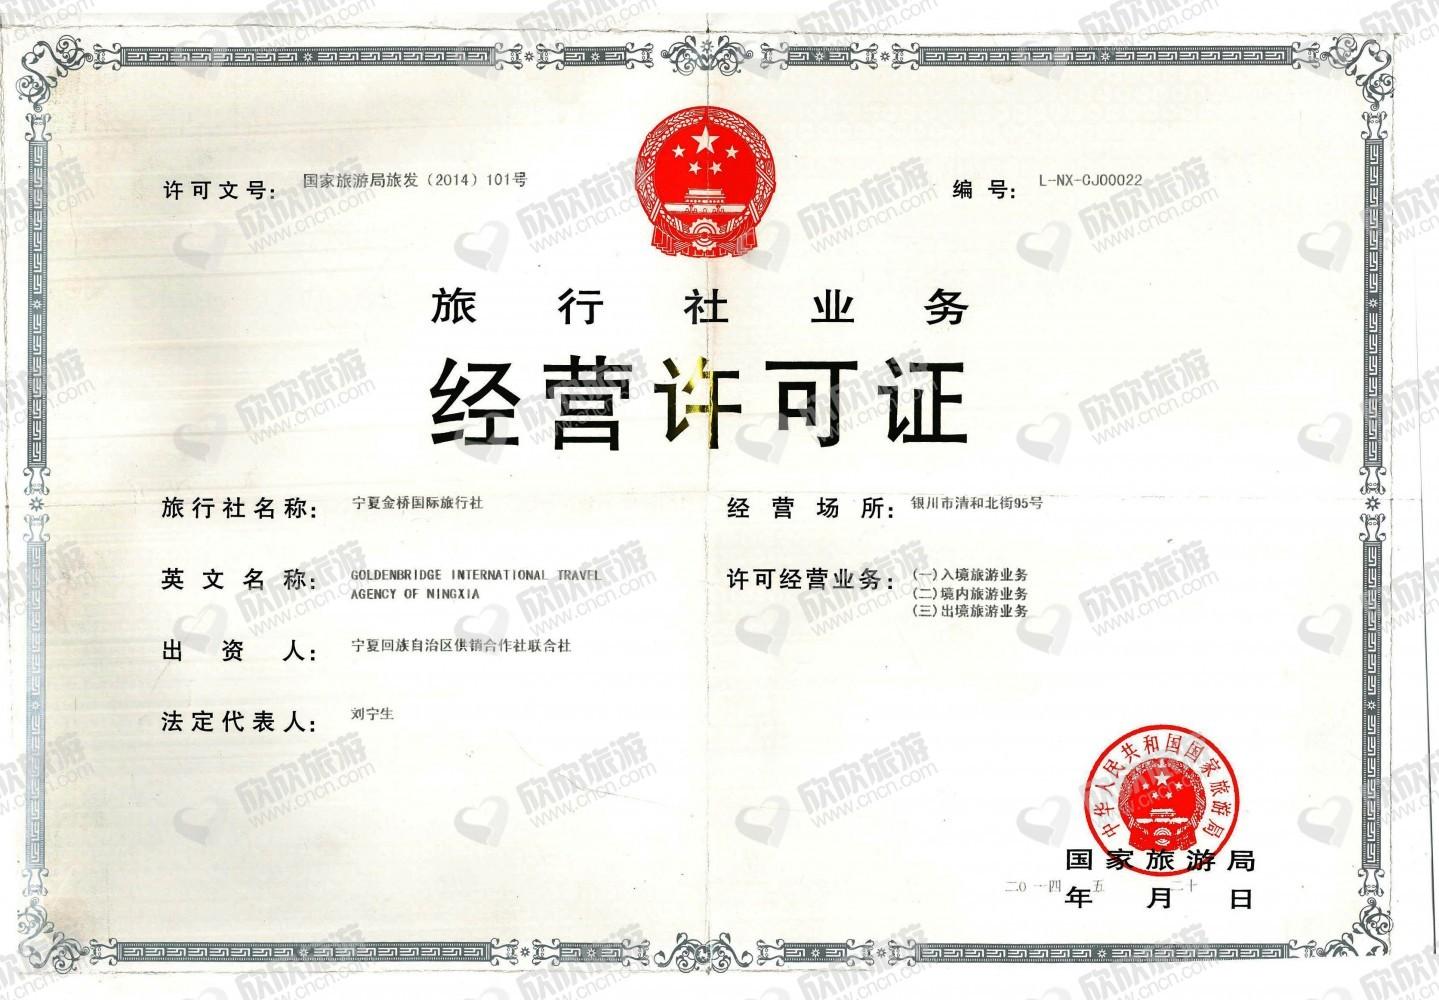 宁夏金桥国际旅行社经营许可证